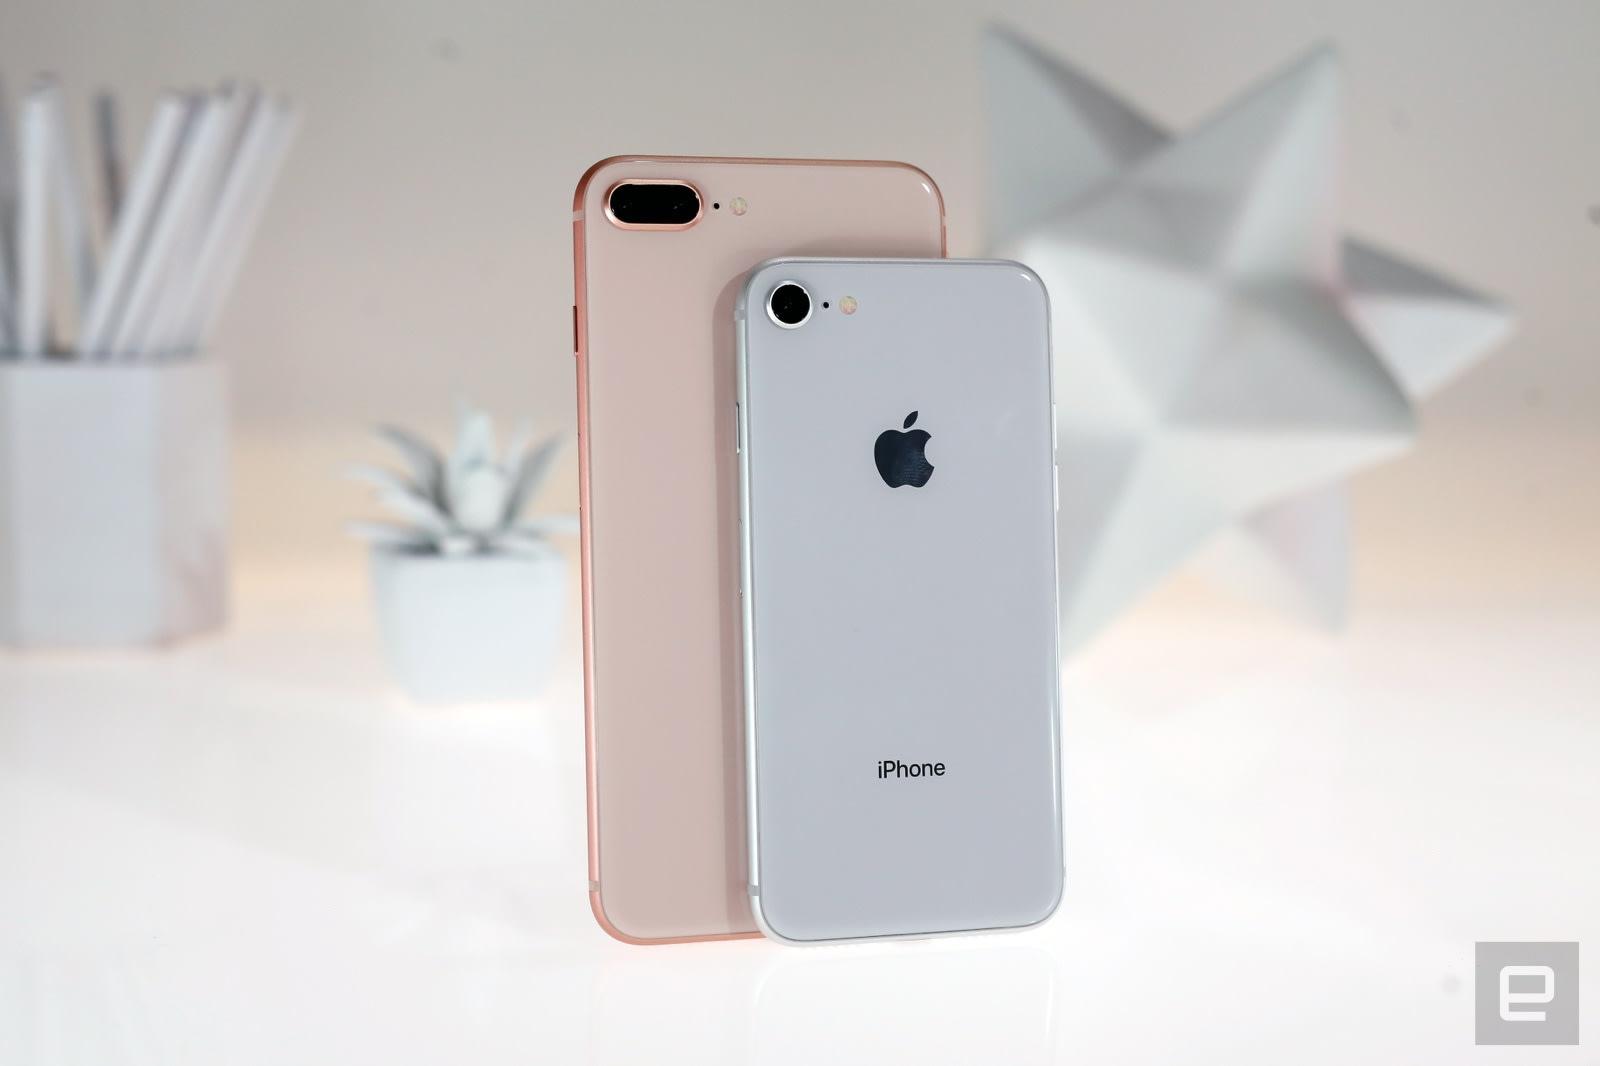 iphone glass repair cost